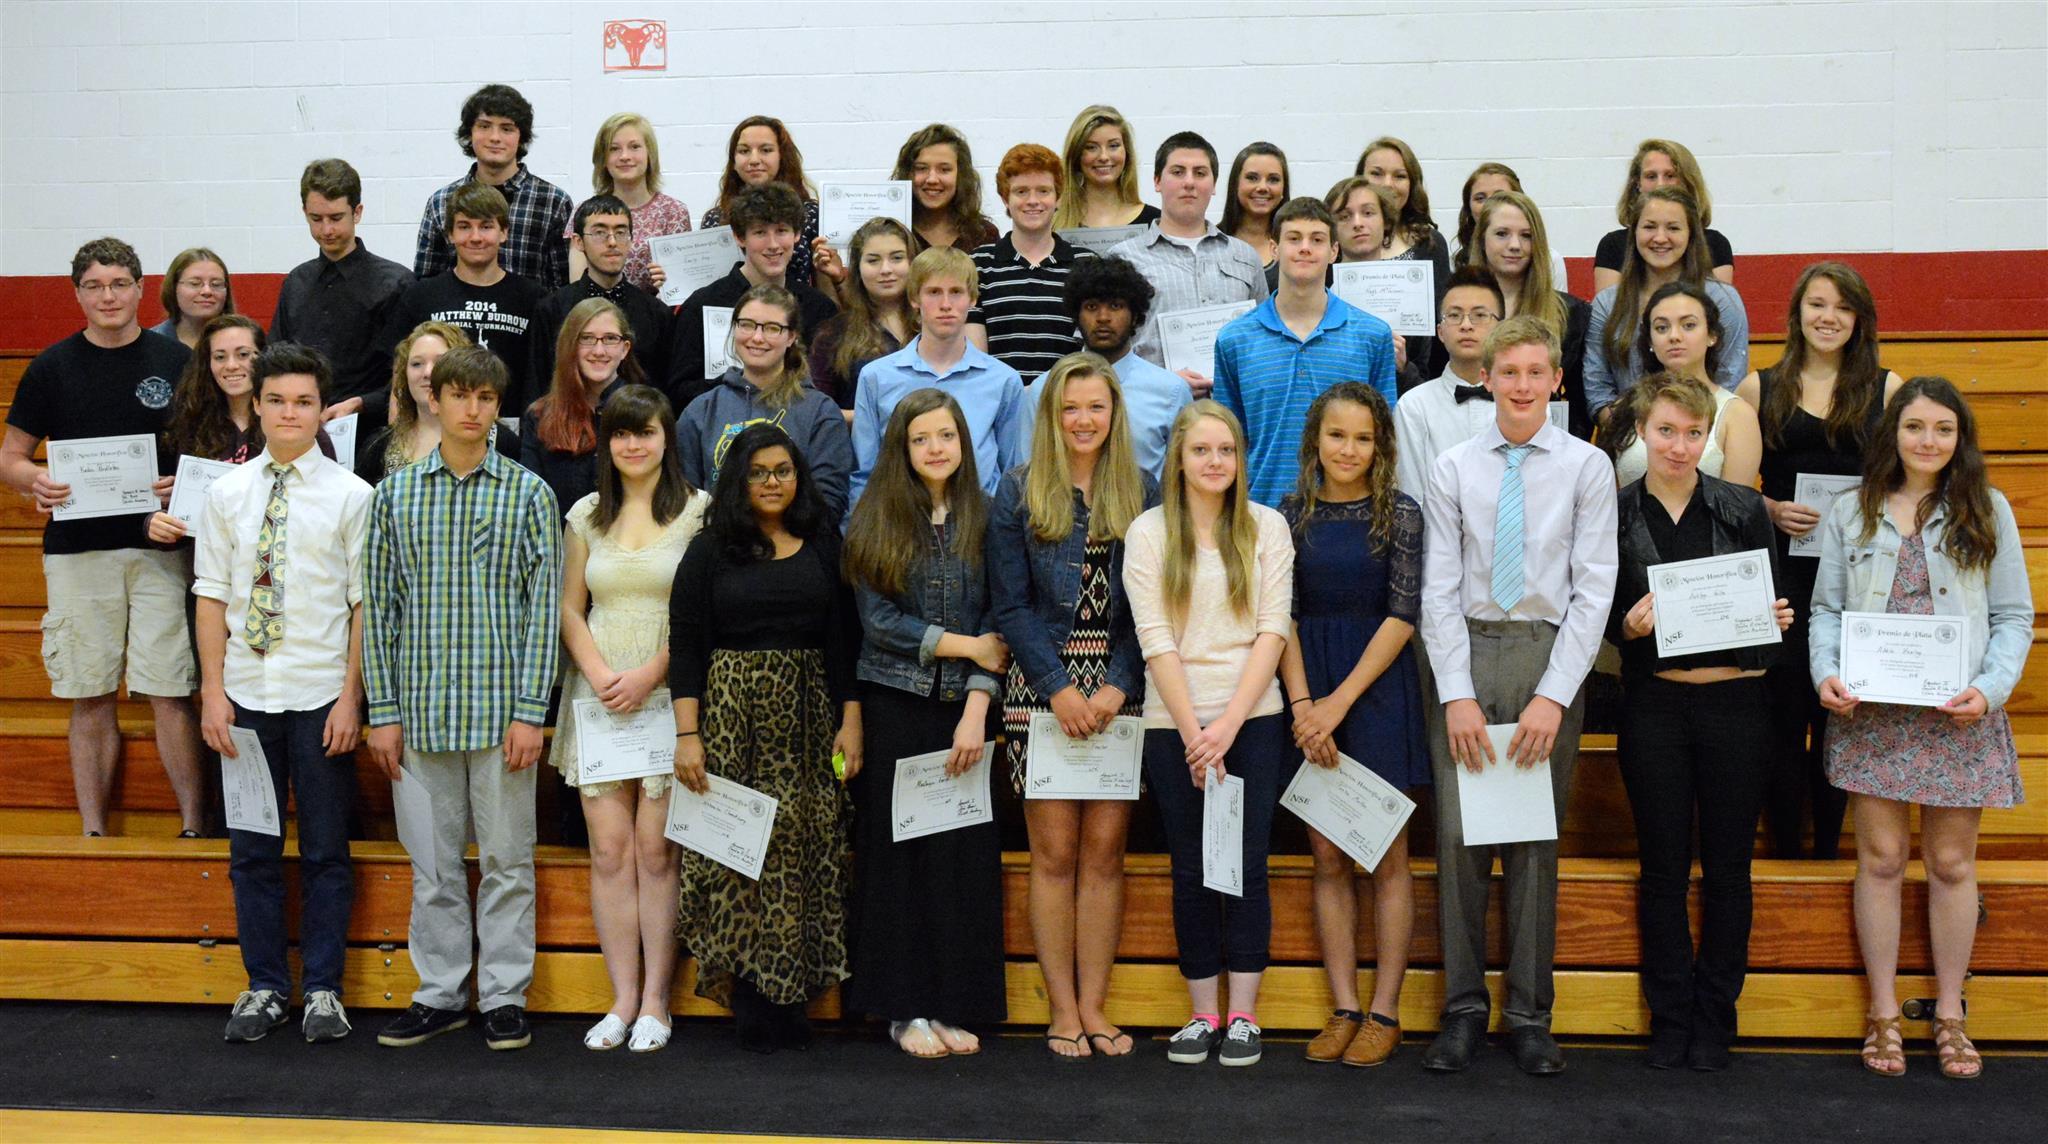 Học viện Lincoln chú trọng đến phát triển toàn diện cho học sinh